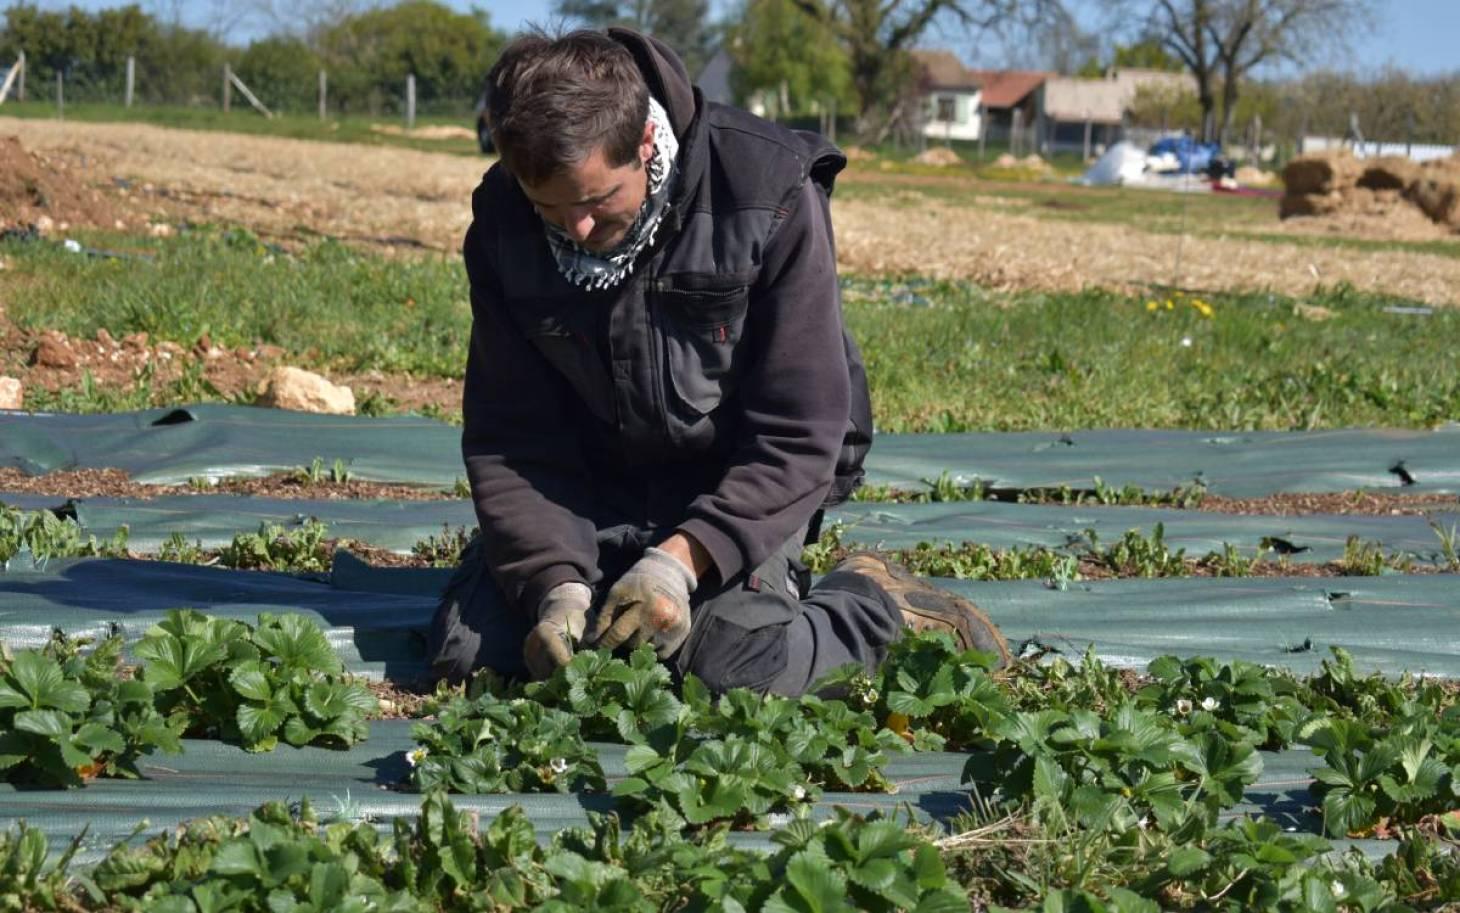 Le fragile destin des surplus de jardin